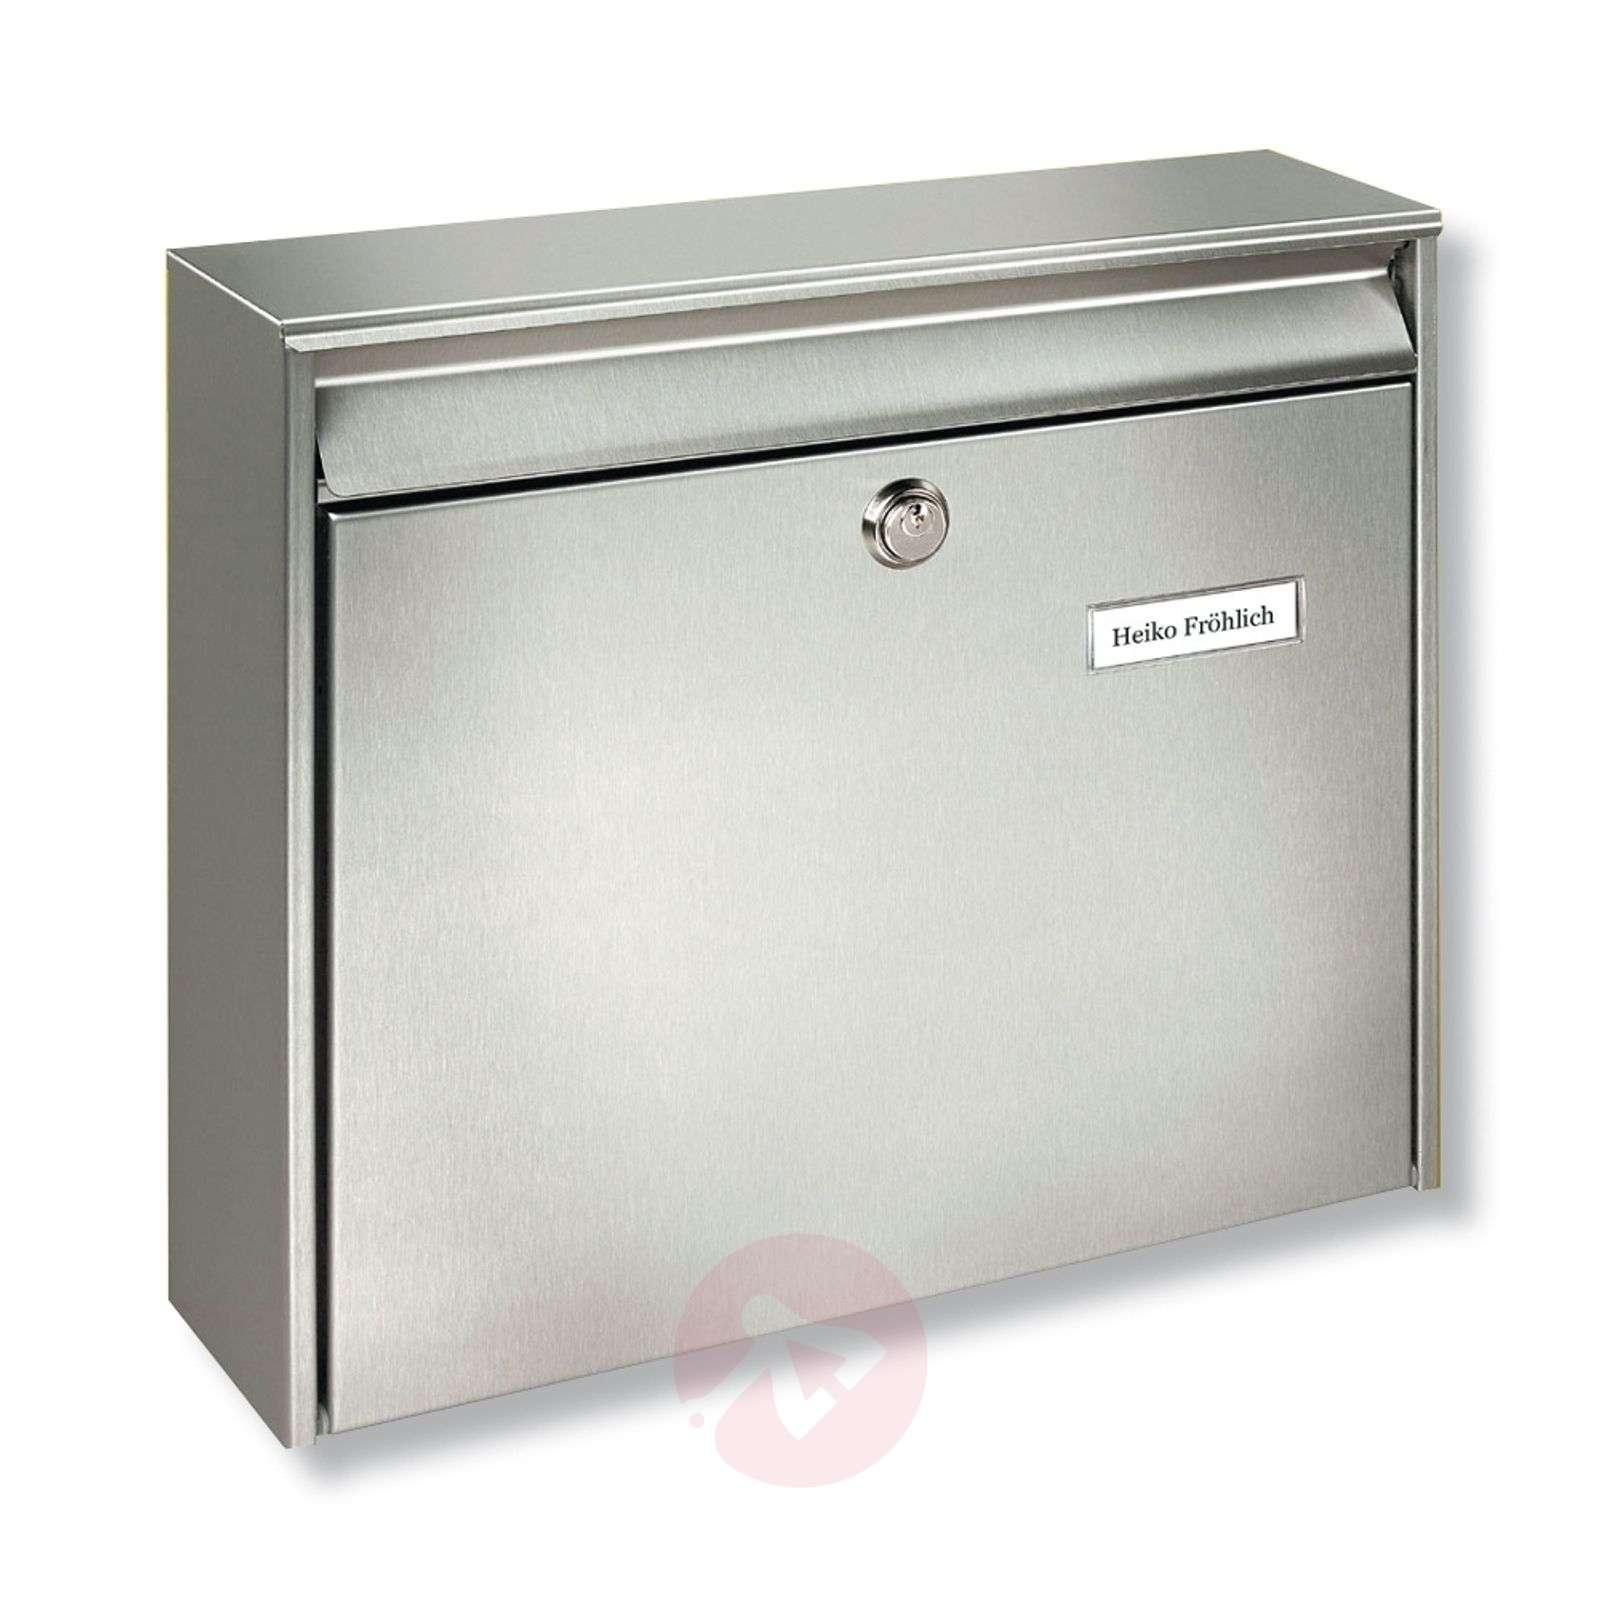 Borkum-postilaatikko ruostumattomasta teräksestä-1532041-01